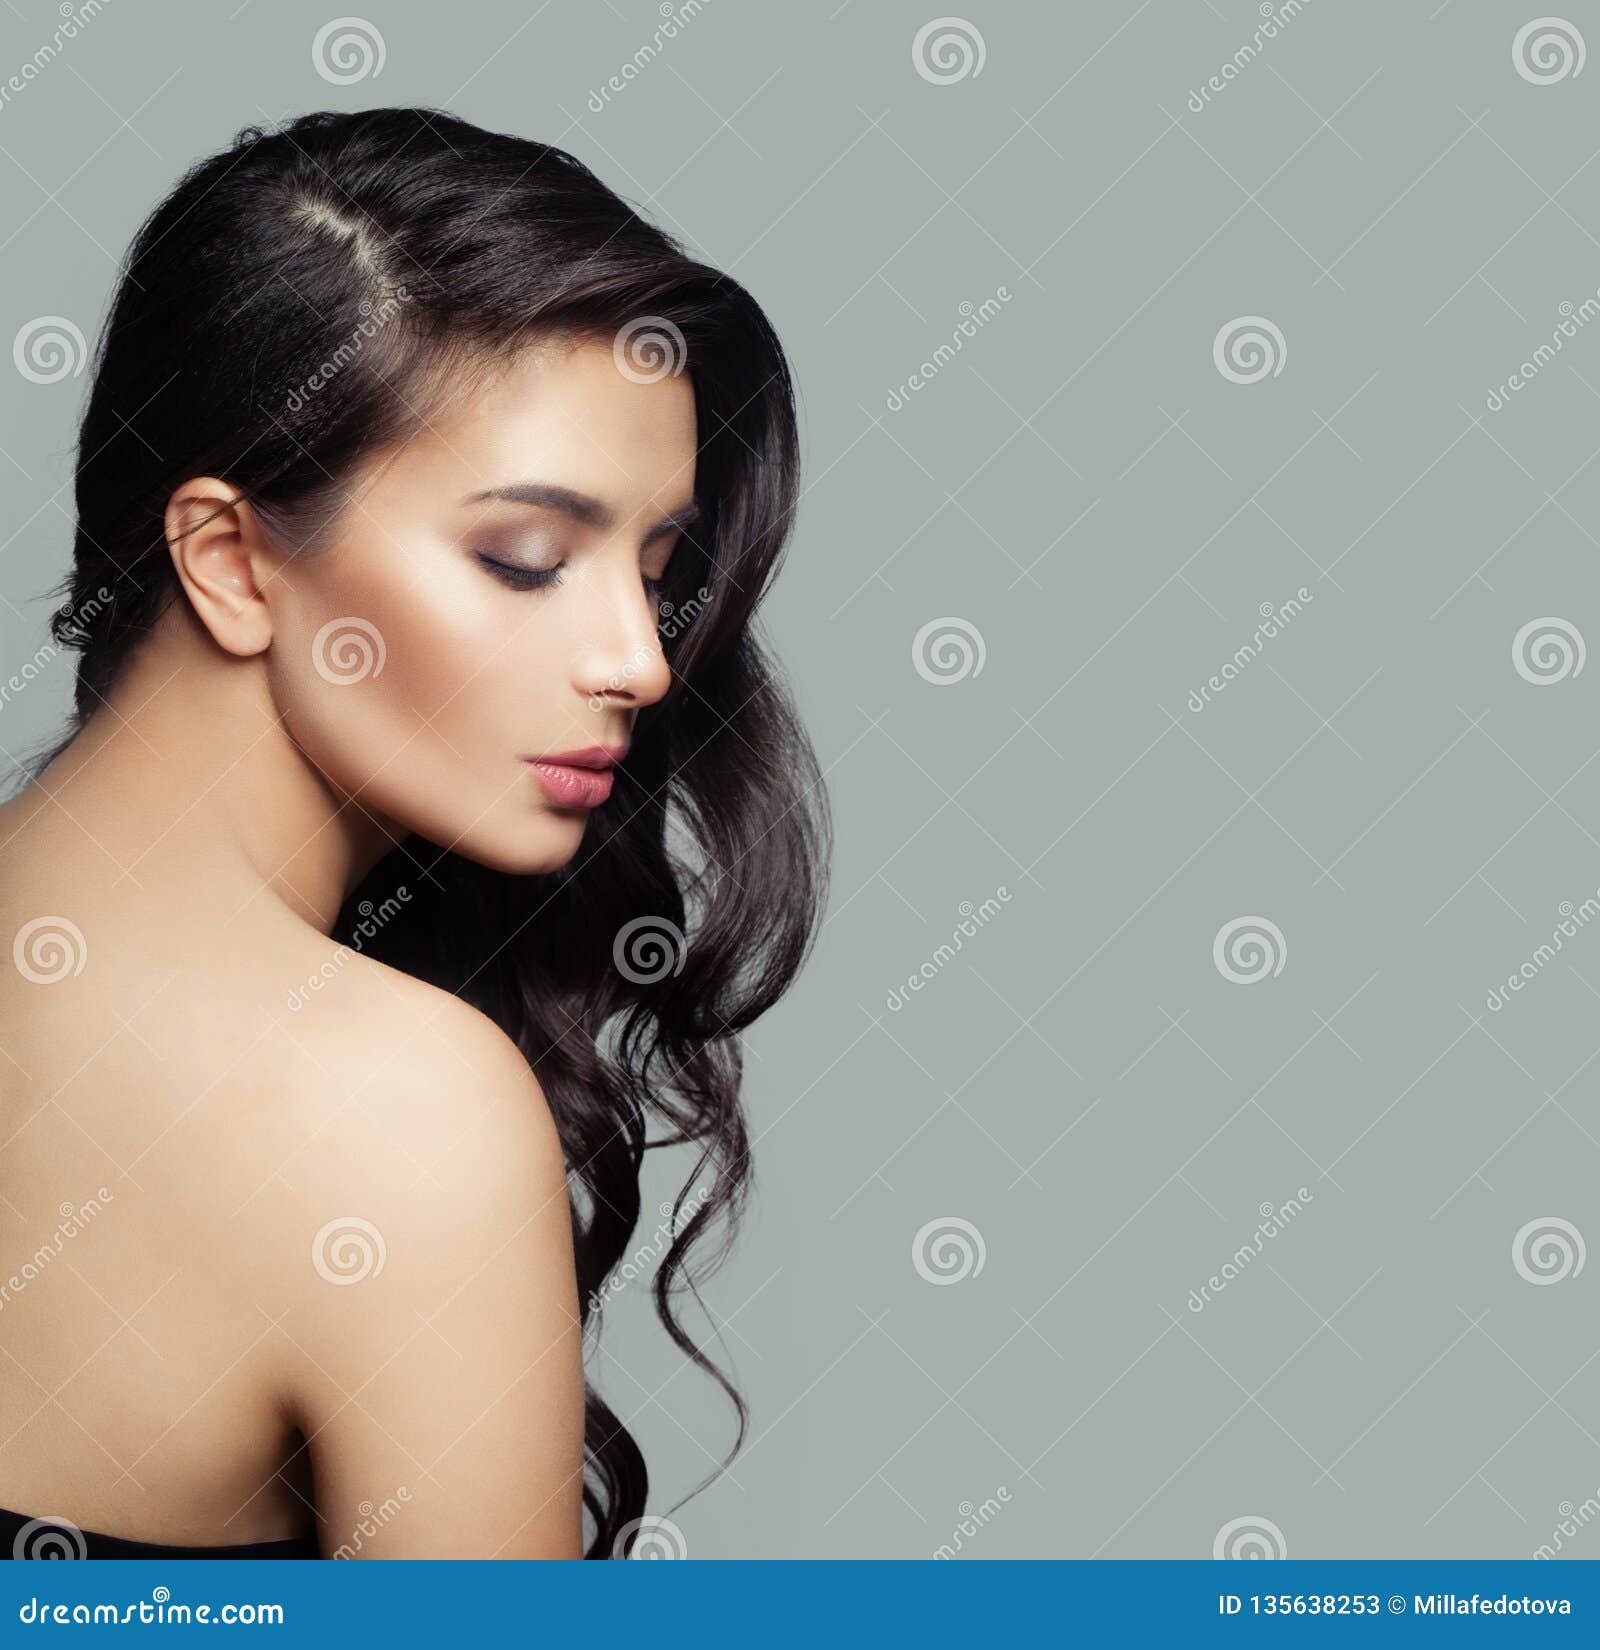 Mooi vrouwelijk profiel Leuke donkerbruine vrouw met natuurlijke make-up en lang zwart haar op grijze achtergrond